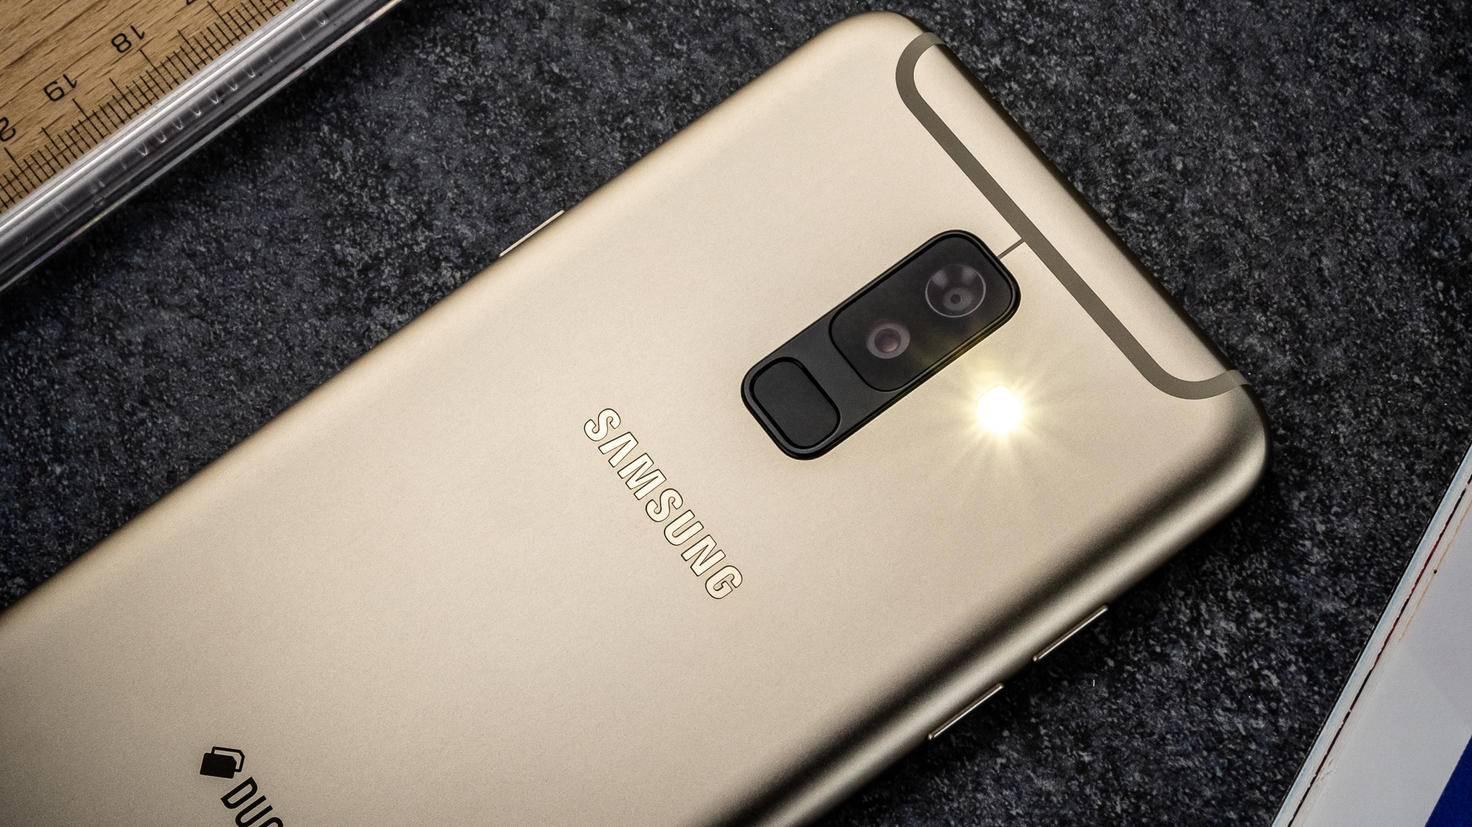 Samsung-Galaxy-A6-Plus-TURN-ON-6